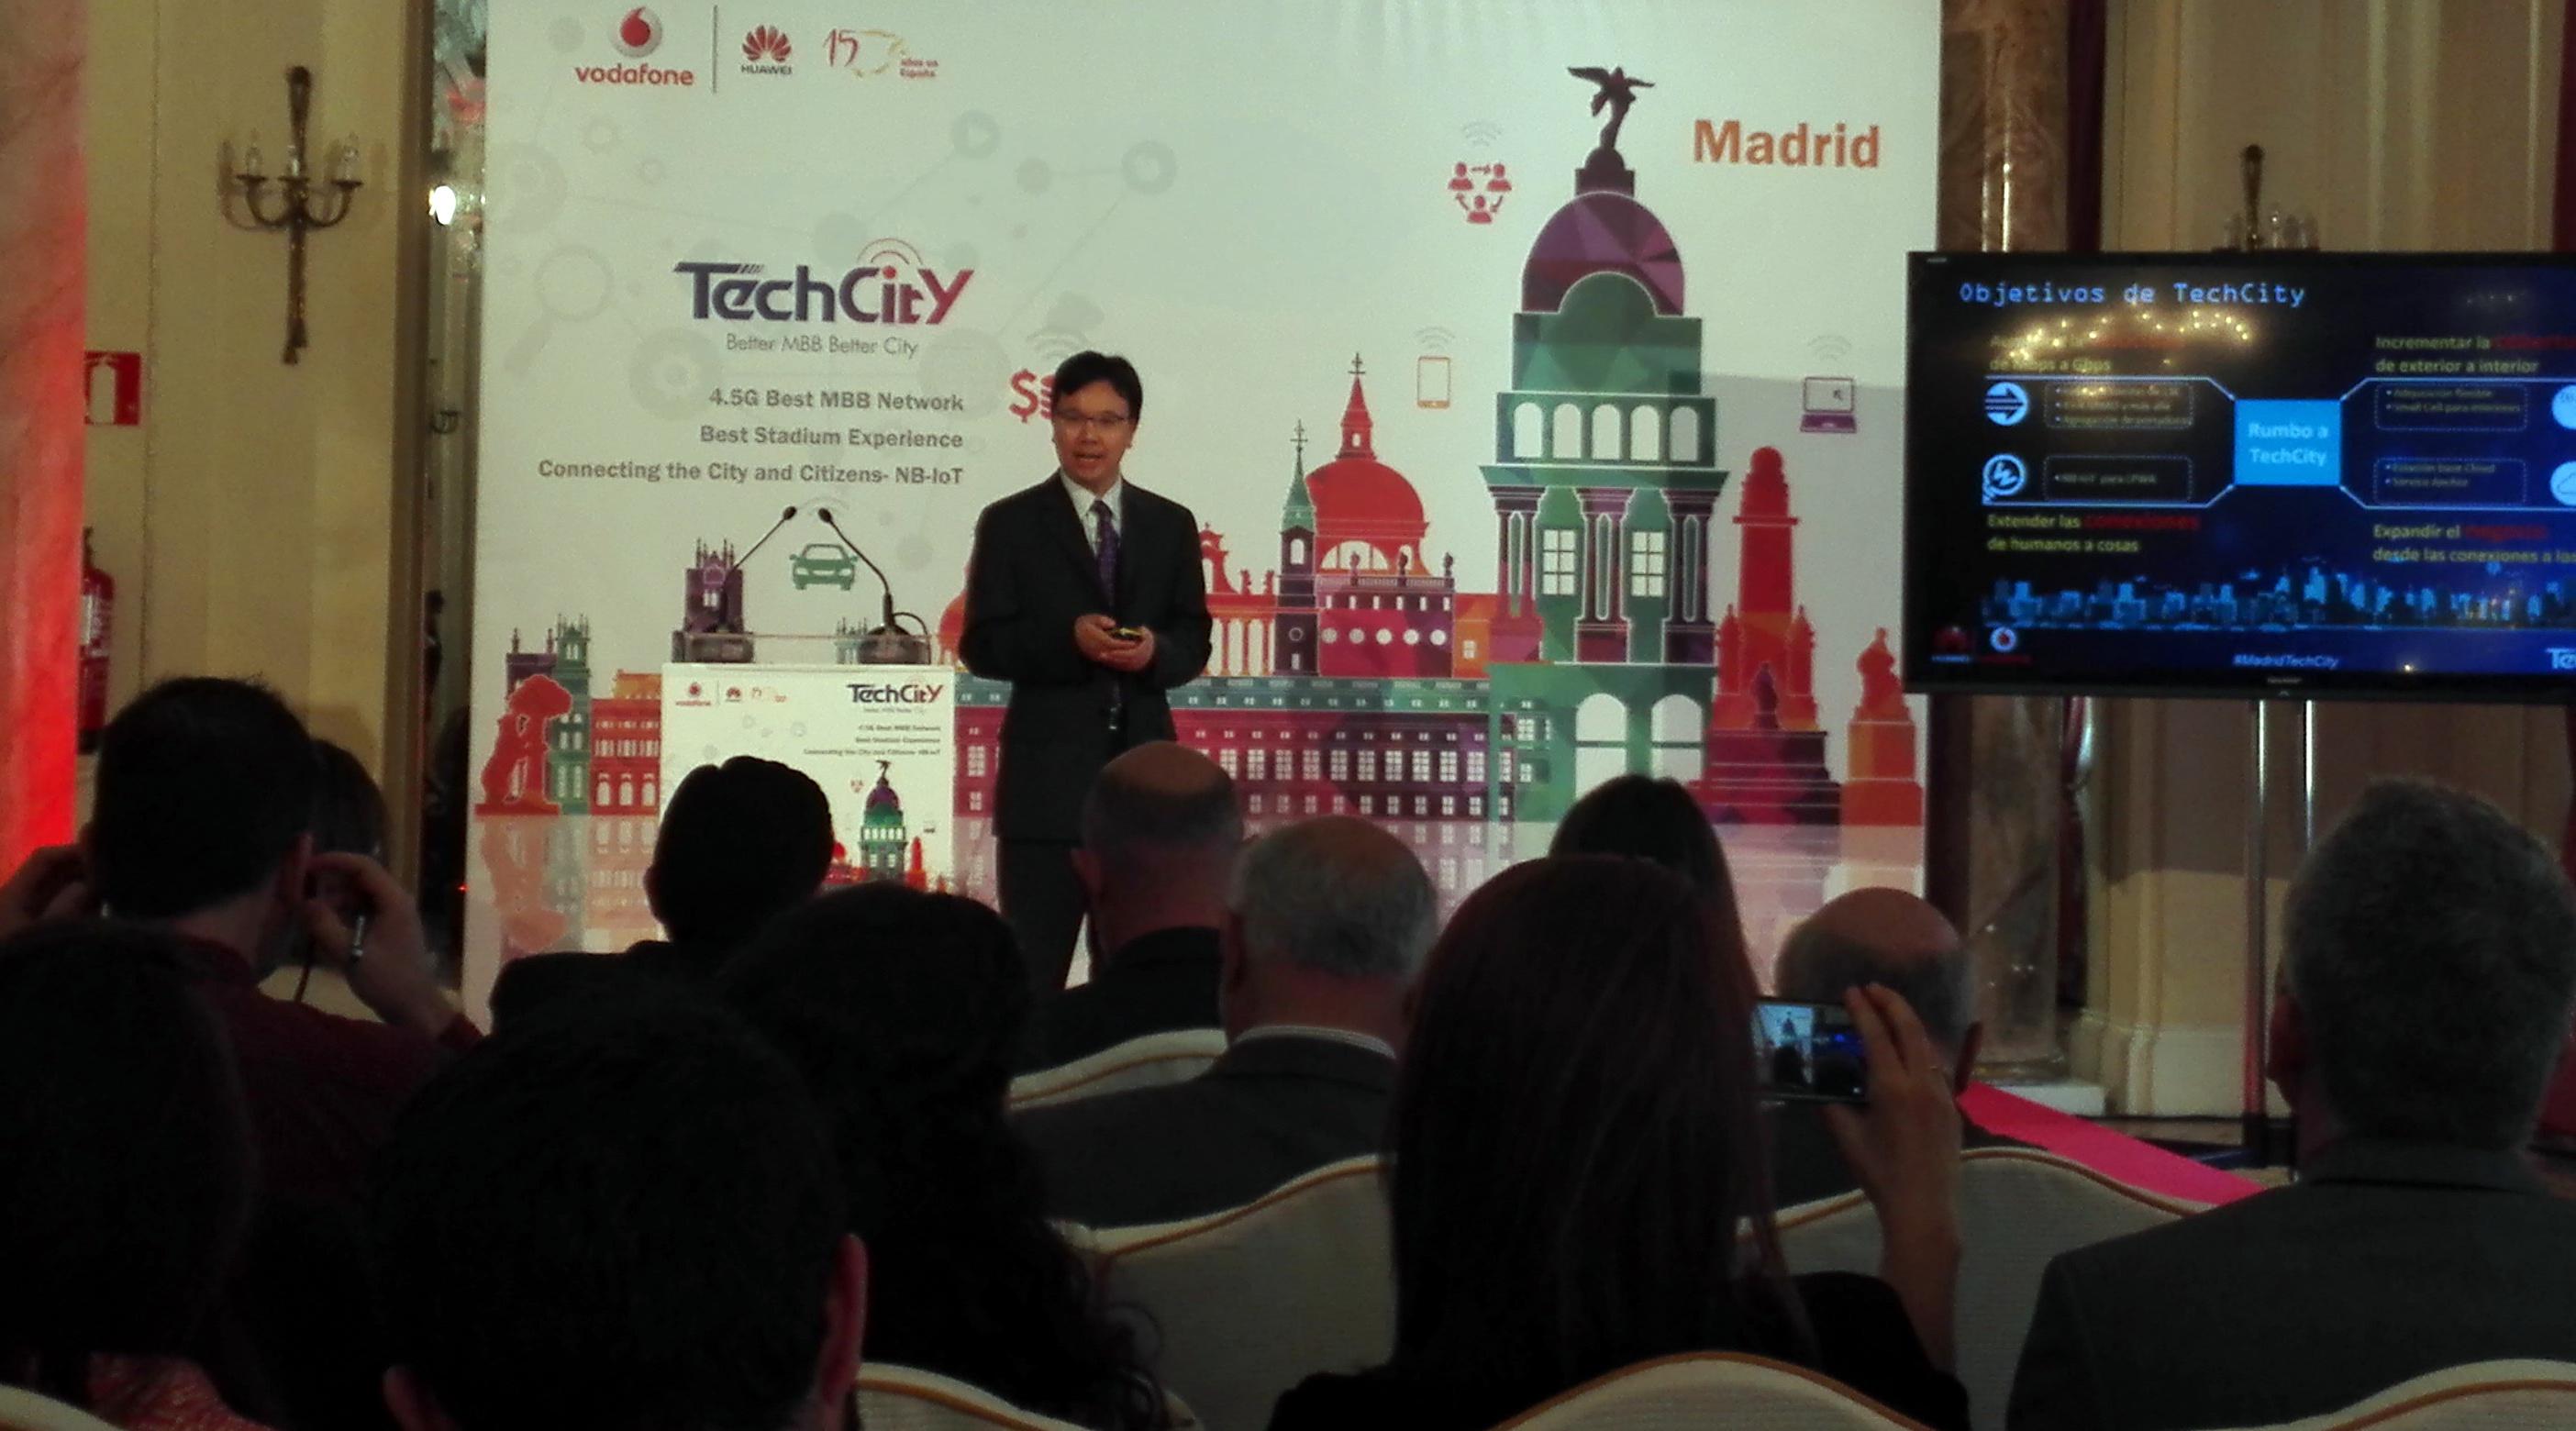 tech-city-huawei-vodafone